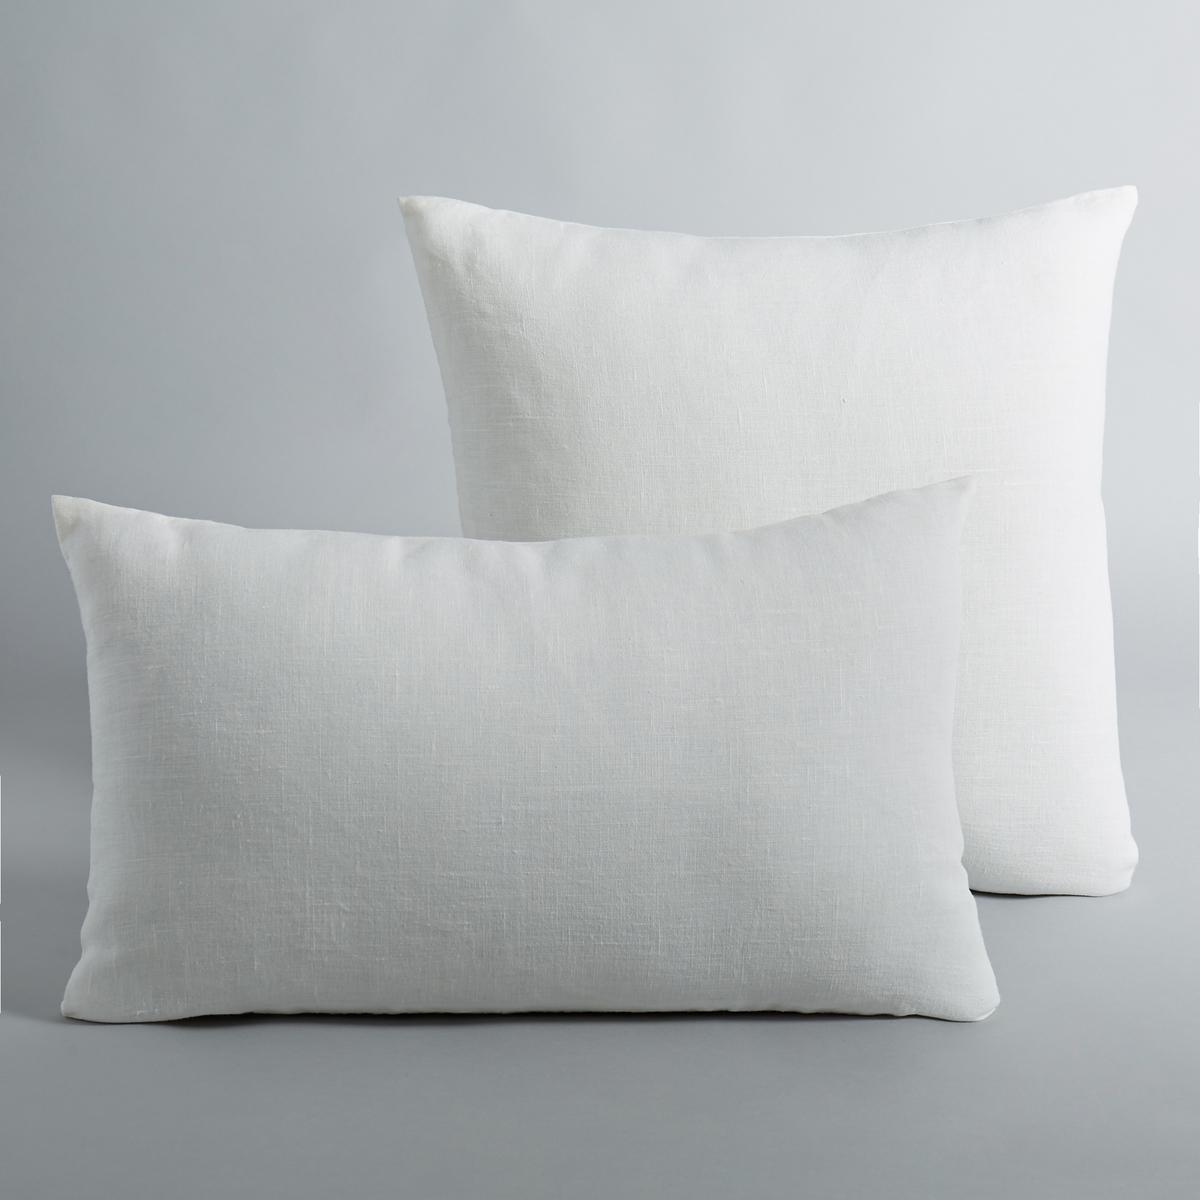 Льняной чехол для подушки, GeorgetteМатериал : - 100% льнаРазмер : - 50 x 30см : прямоугольная форма- 45 x 45 см : квадратная наволочка<br><br>Цвет: антрацит,белый,желтый карри,оранжевый,розовый,светло-серый,серо-зеленый,синий морской,экрю